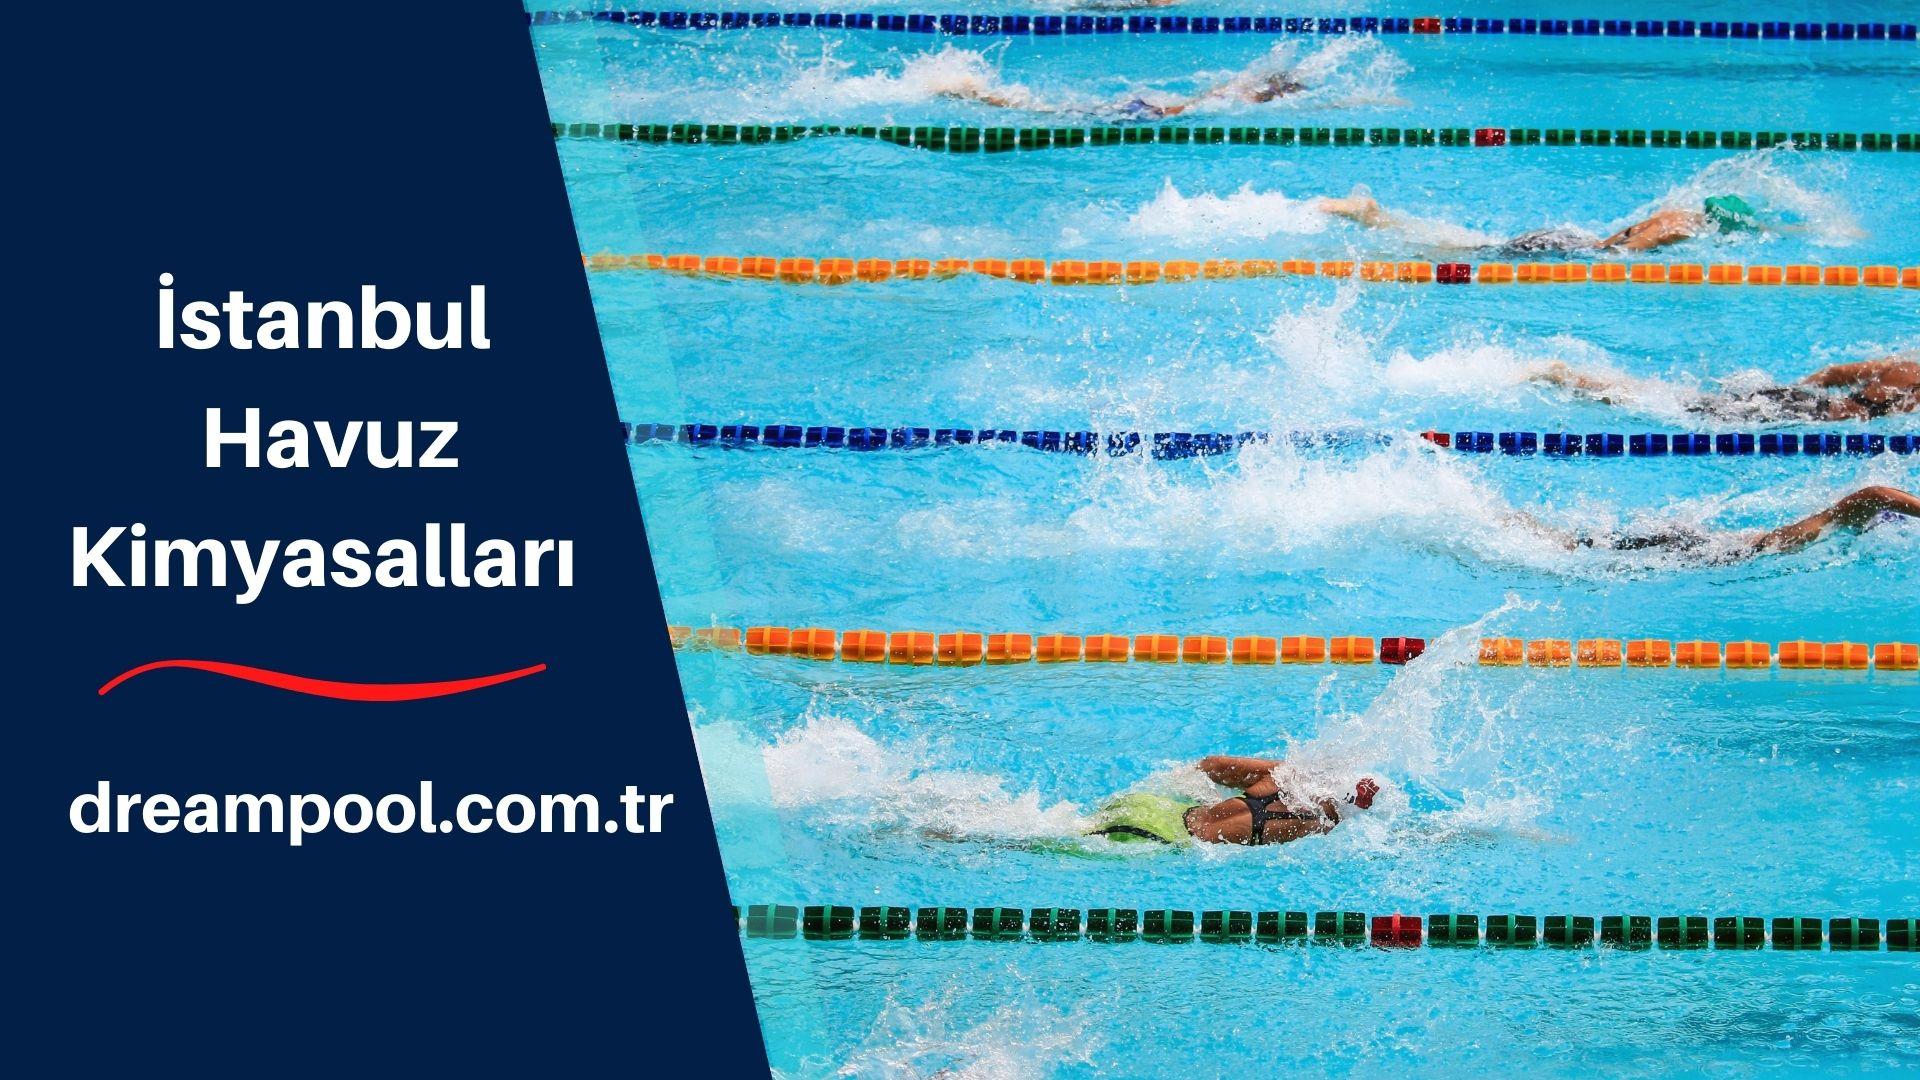 istanbul-havuz-kimyasallari